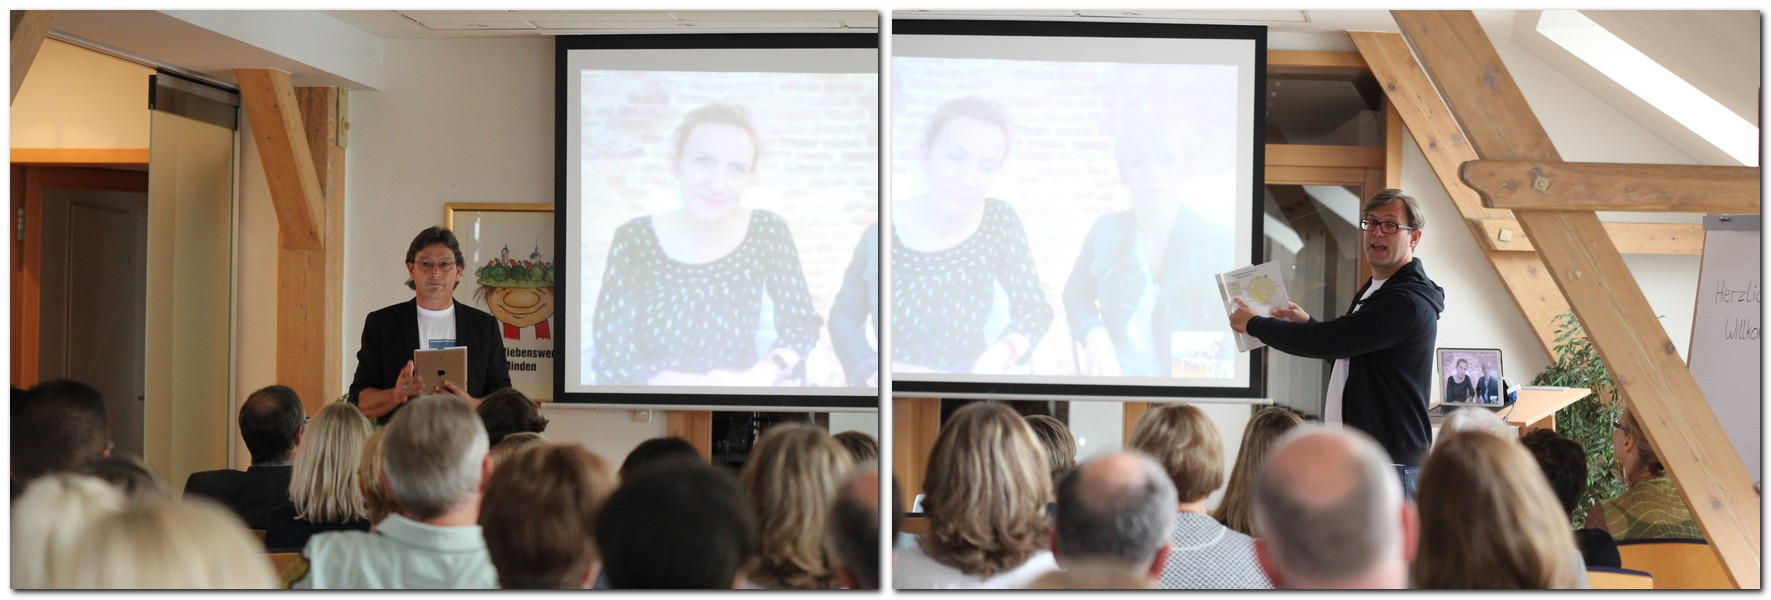 """Per Skype auf der Beamer-Leinwand dabei: die Berliner """"Mediate""""-Frauen Katja Nettesheim und Kerstin von Appen. Rechts Carsten Lohmann, links Christoph Pepper. Foto: Külbel"""